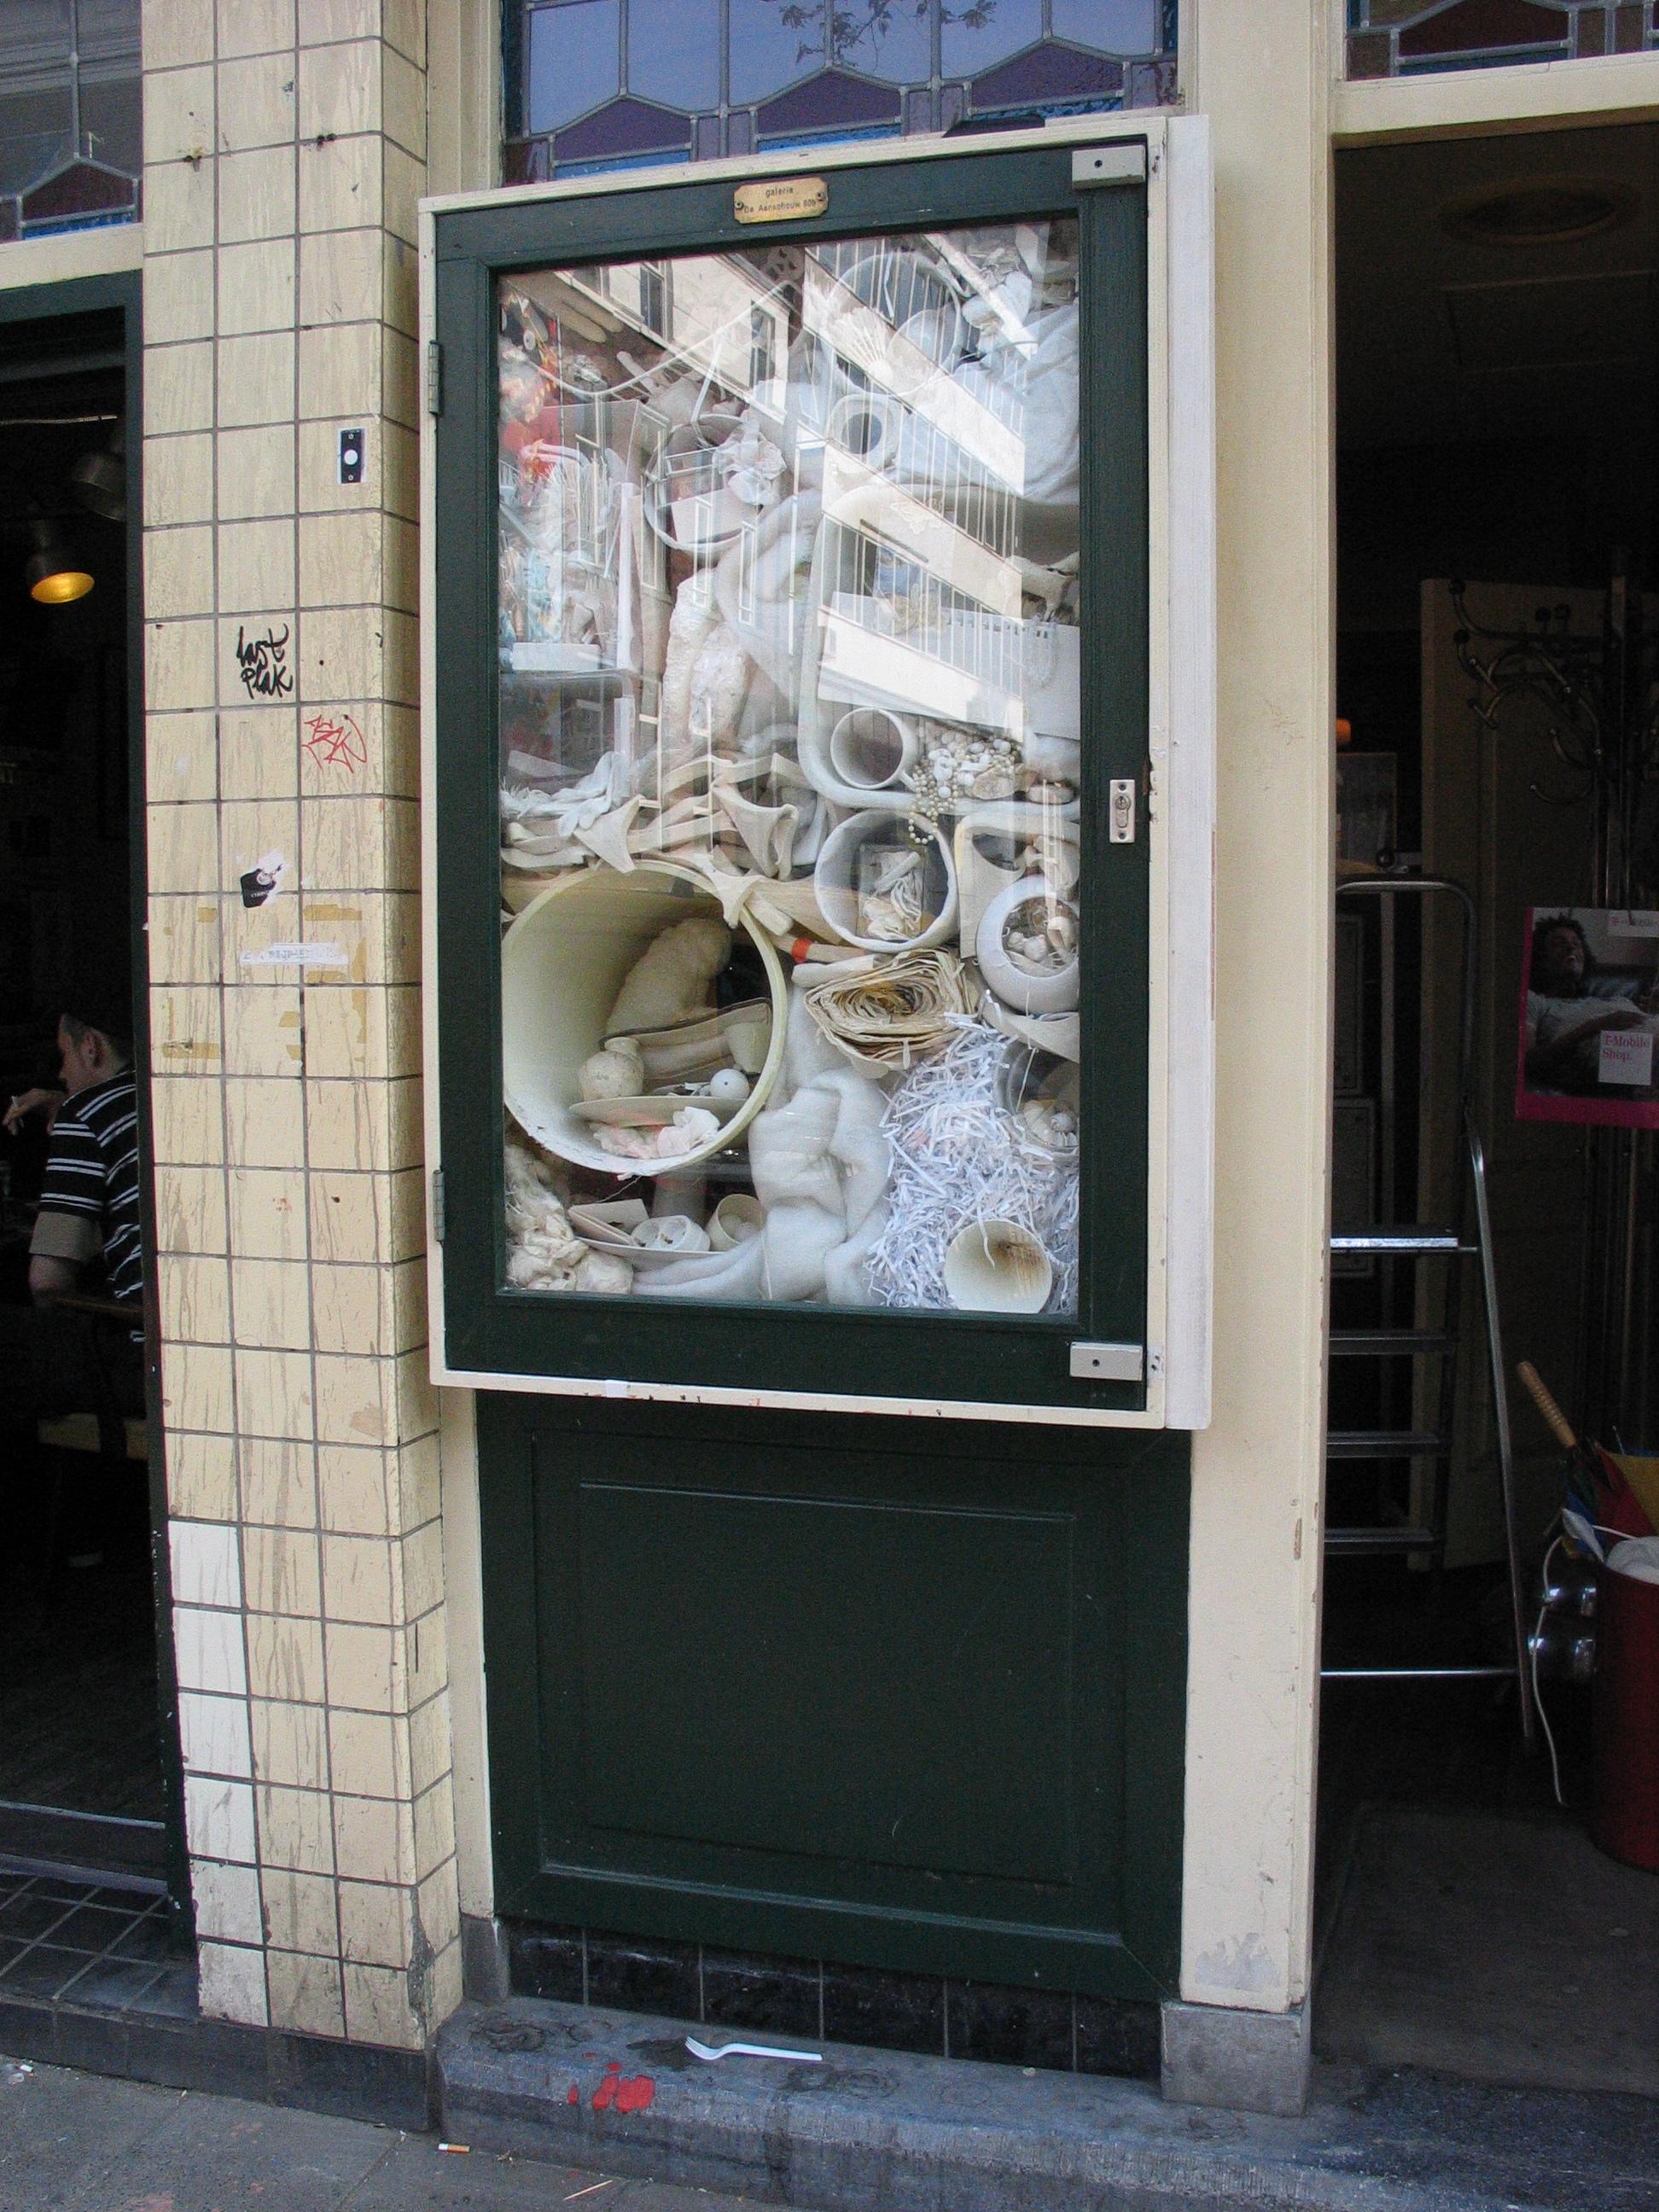 Archief WIT, Collectief Archief werk 2, diverse witte objecten, Galerie De Aanschouw, Rotterdam, 2007